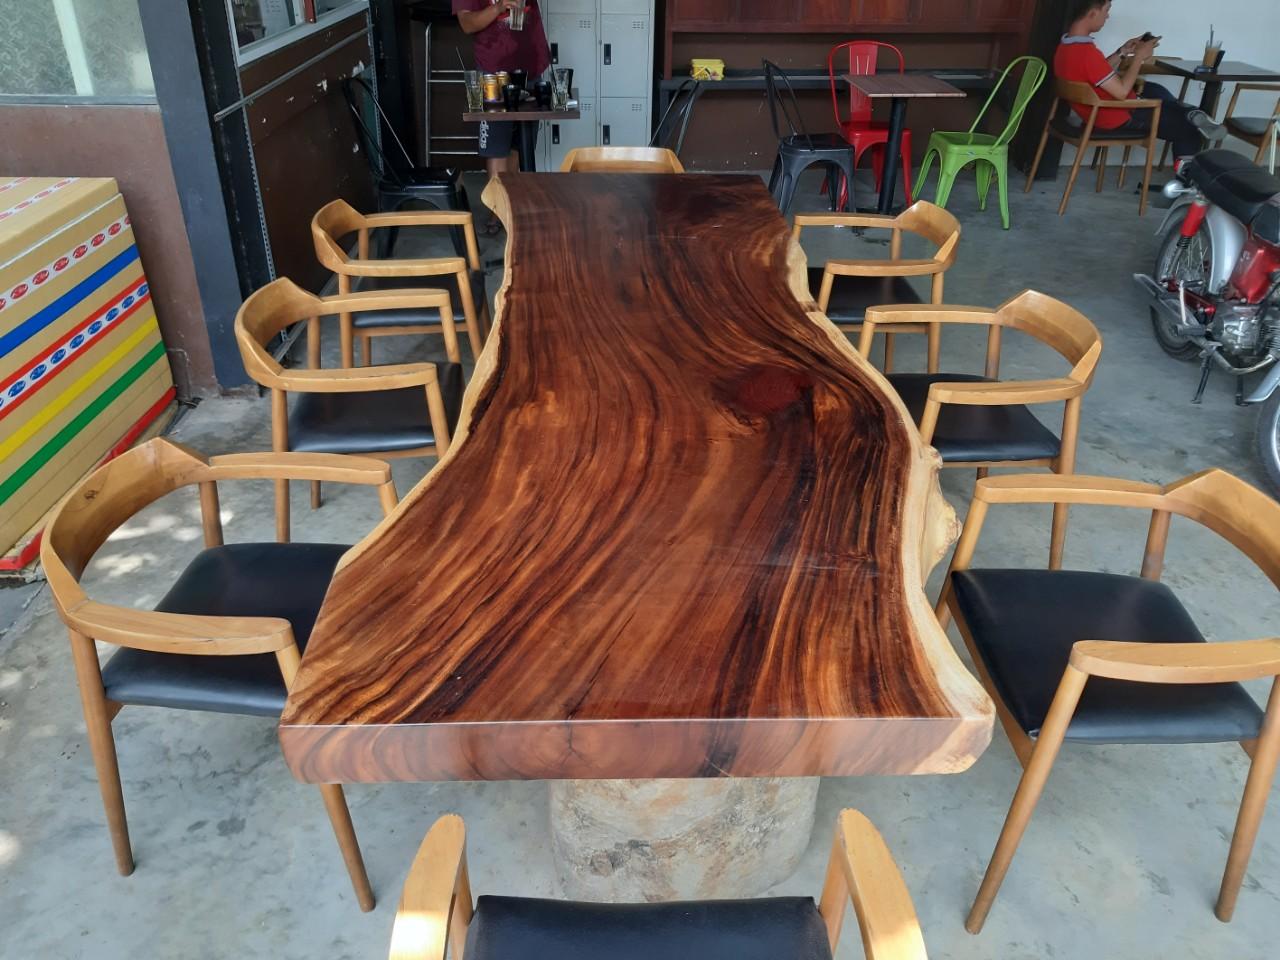 Khám phán mẫu bàn ghế ăn gỗ me tây đẹp nhất tại hcm